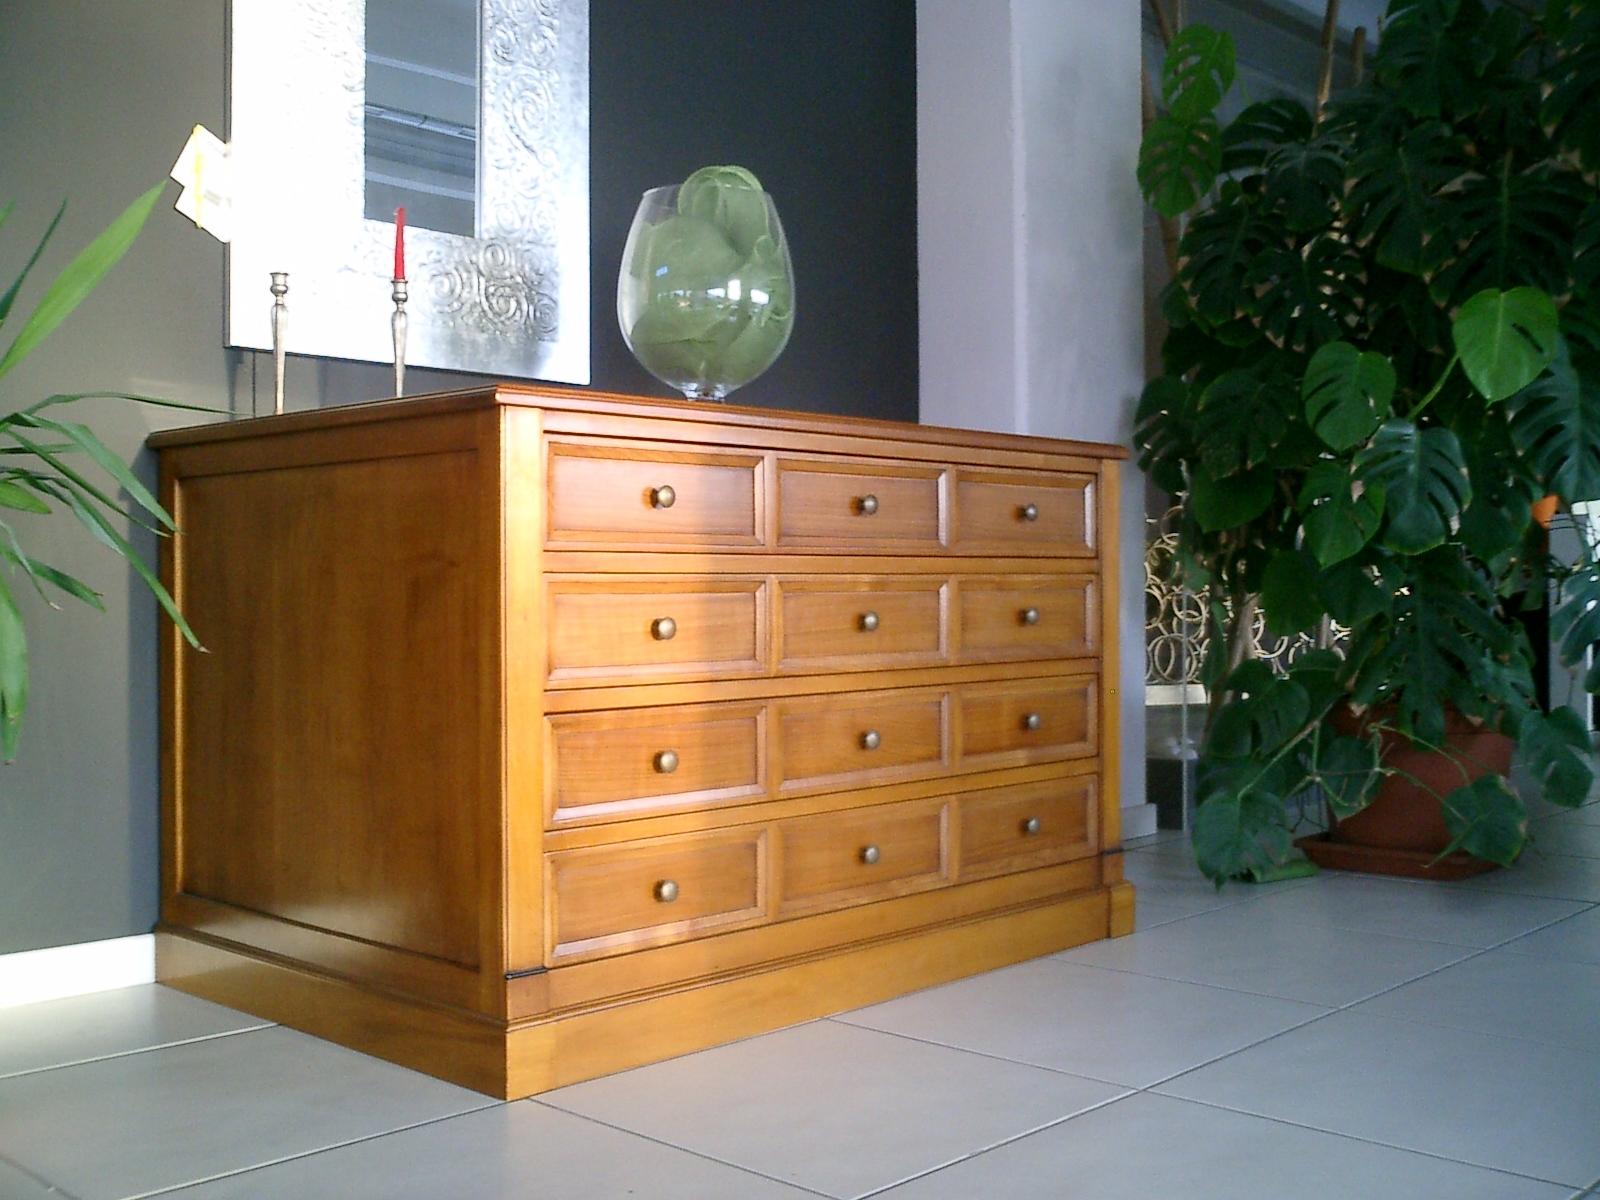 Como 39 cassettiera legno camere a prezzi scontati for Cassettiera legno